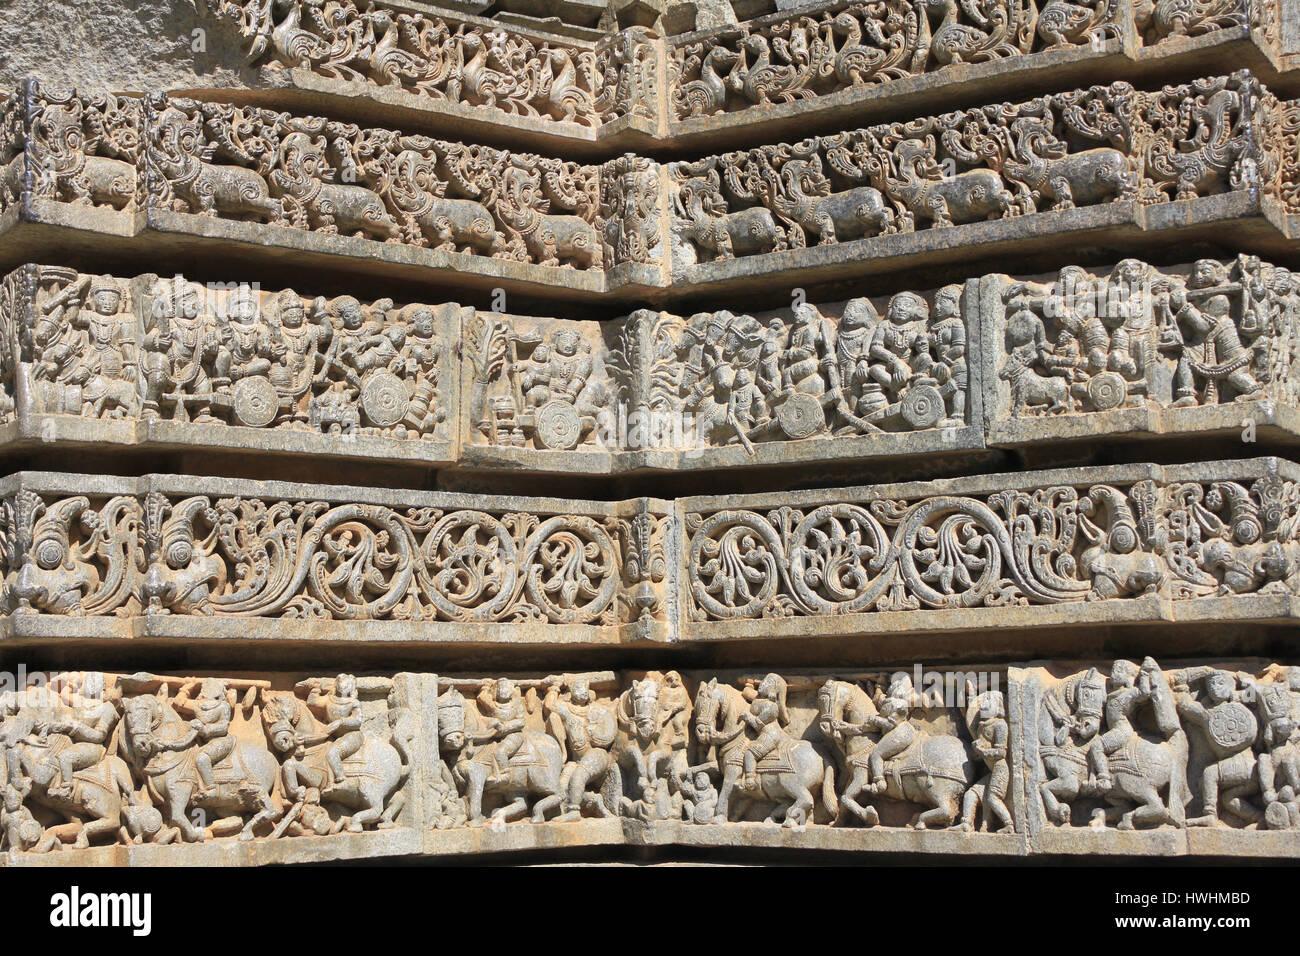 In prossimità della parete del santuario scultura in rilievo segue un piano stellate, raffiguranti i cigni,(makara che bestia immaginaria), puranas indù, fogliame, cavalieri e eleph Foto Stock